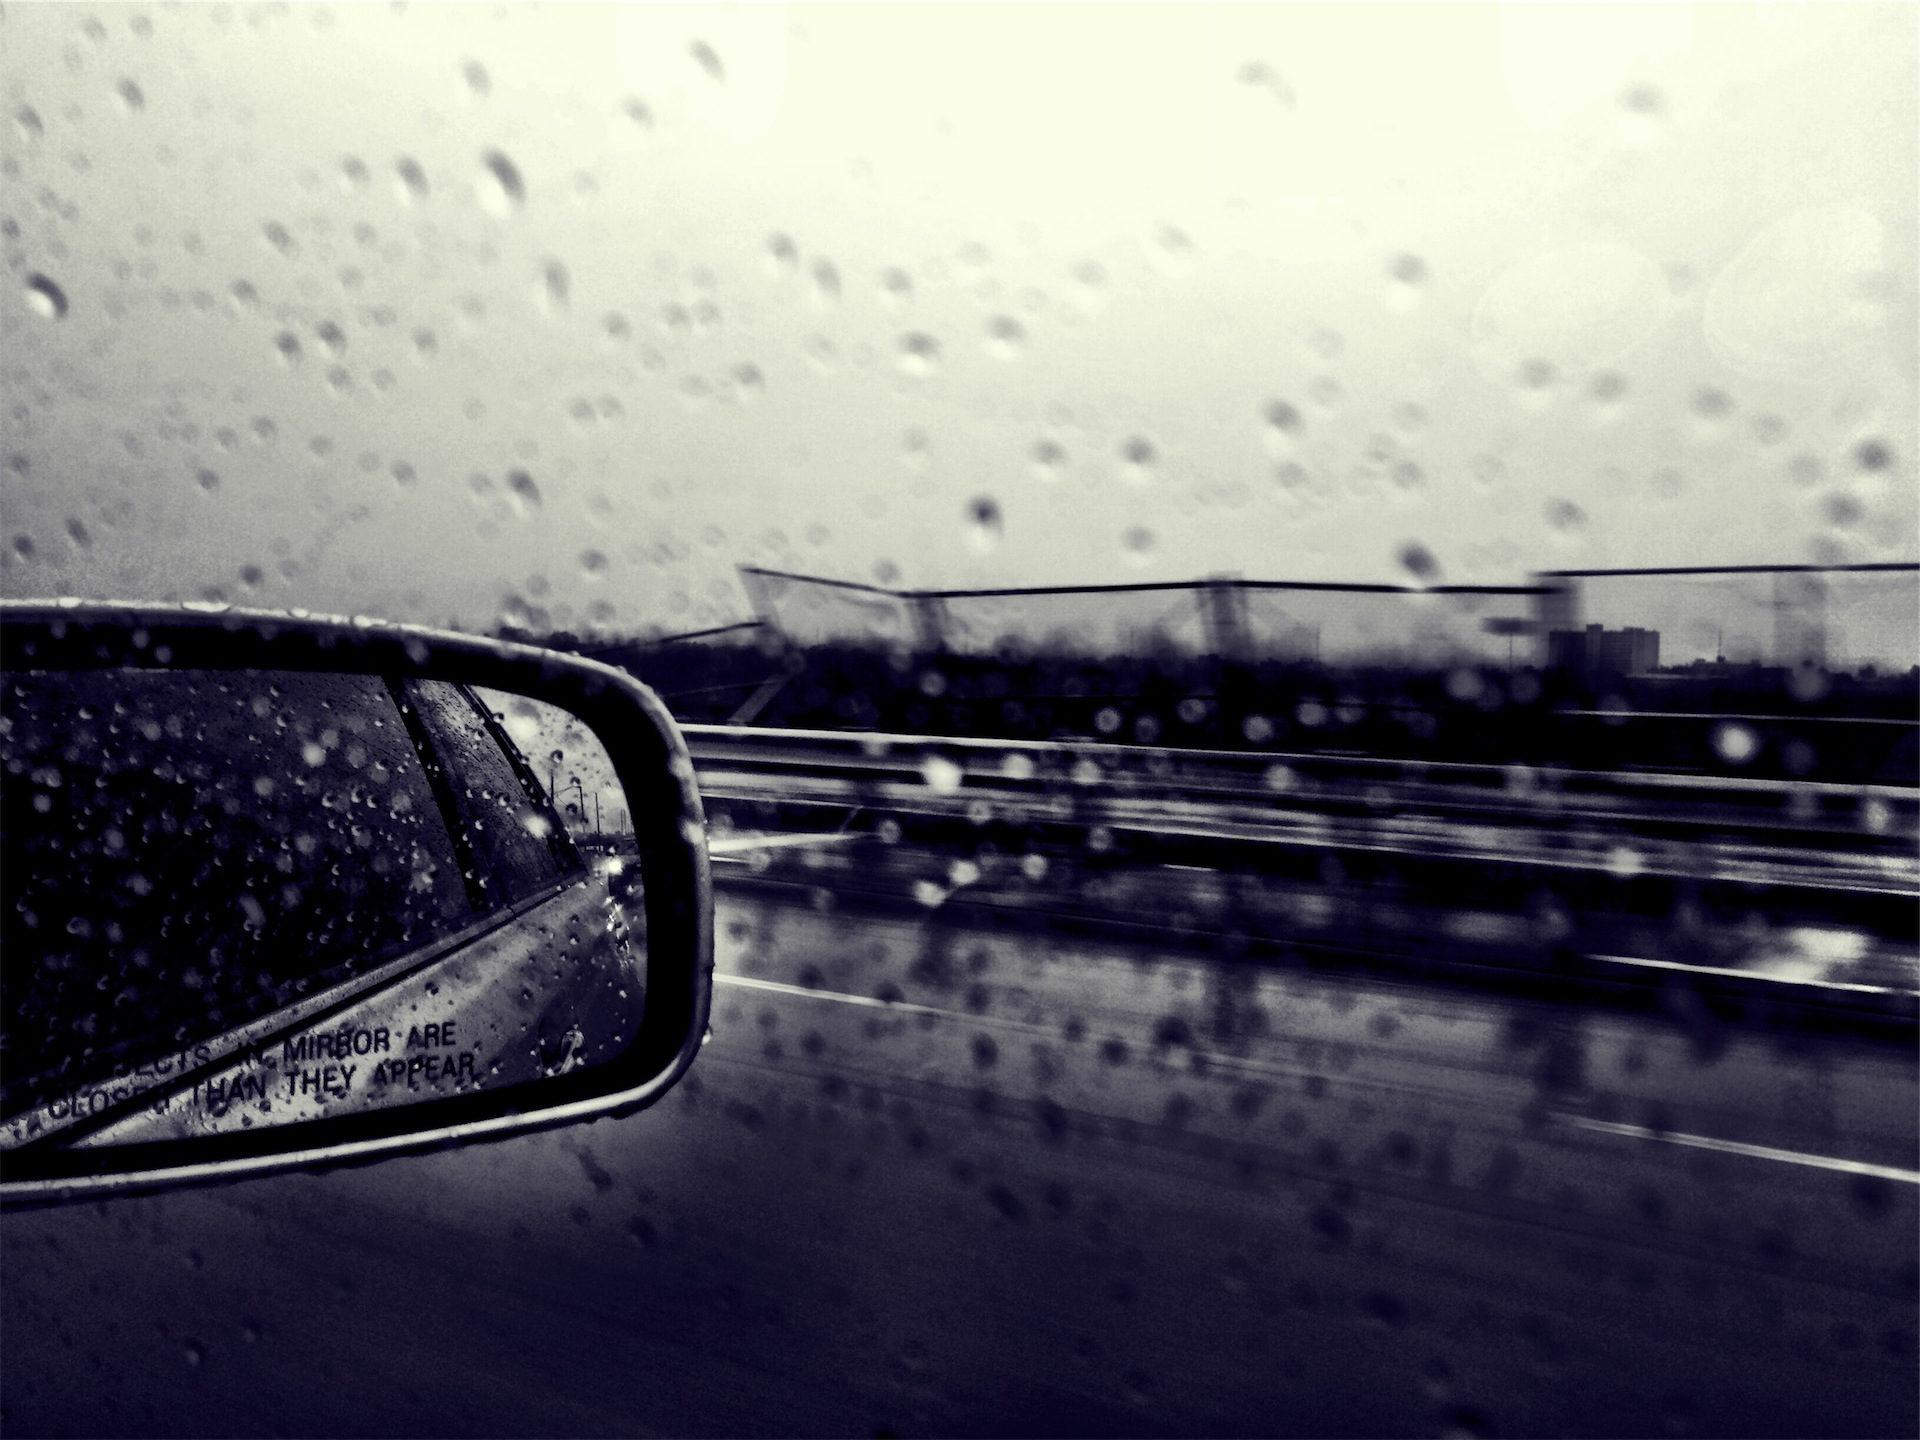 pluie, voyage, DROPS numéro, réflexion, en noir et blanc - Fonds d'écran HD - Professor-falken.com